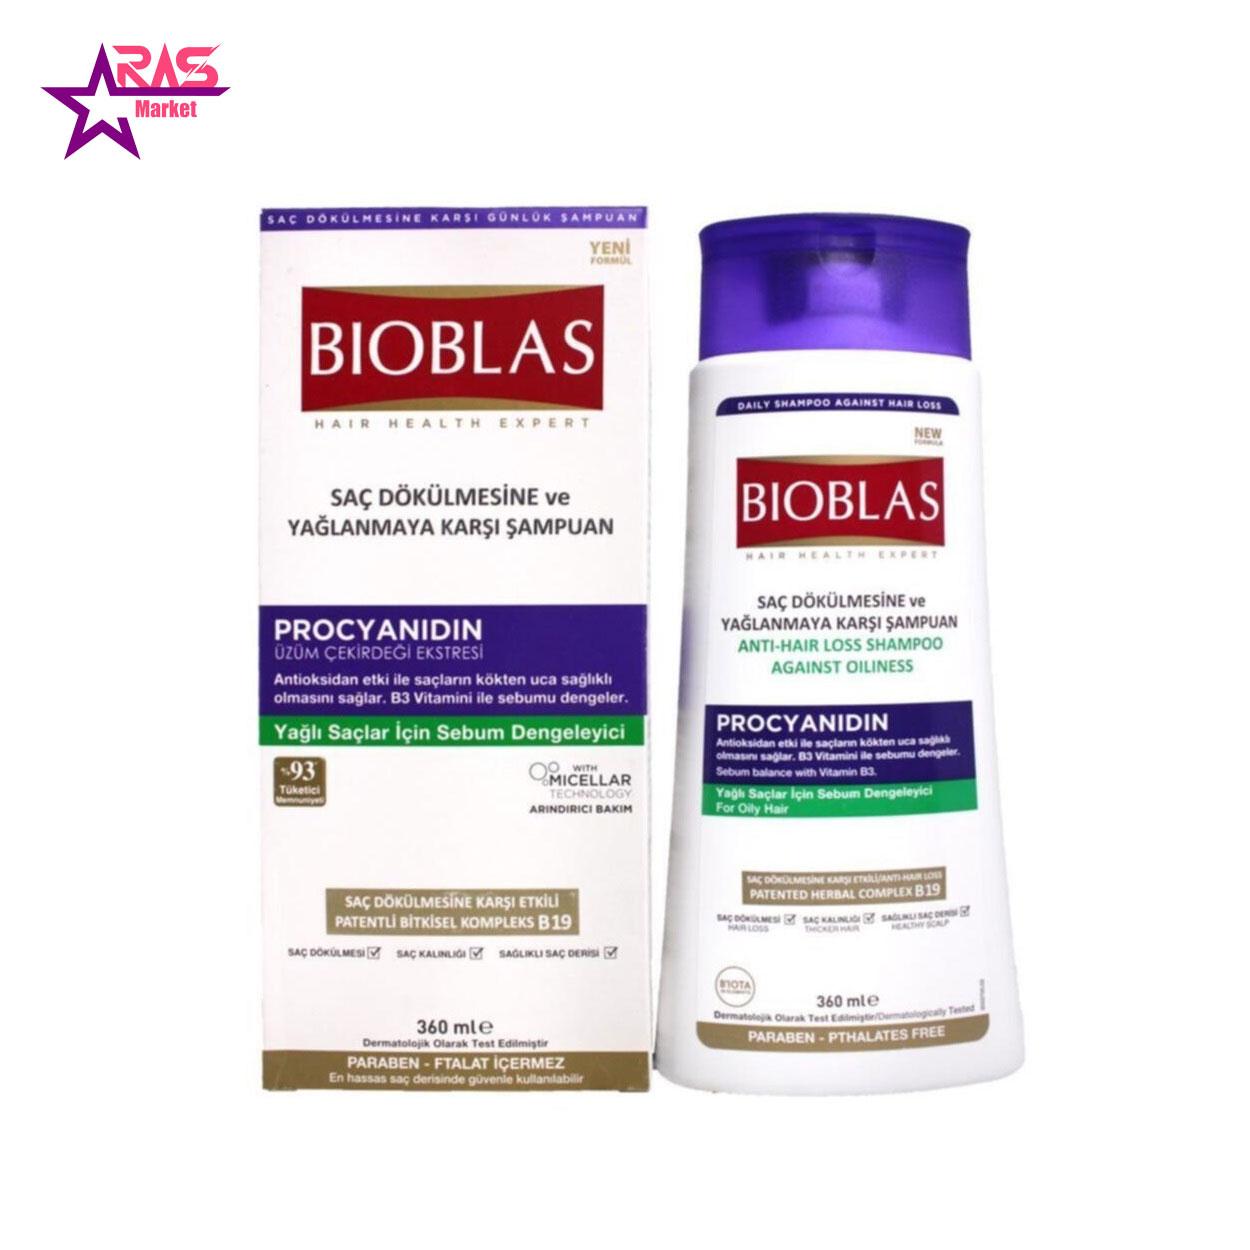 شامپو بیوبلاس ضد ریزش مو مخصوص موهای چرب 360 میلی لیتر ، فروشگاه اینترنتی ارس مارکت ، استحمام ، bioblas